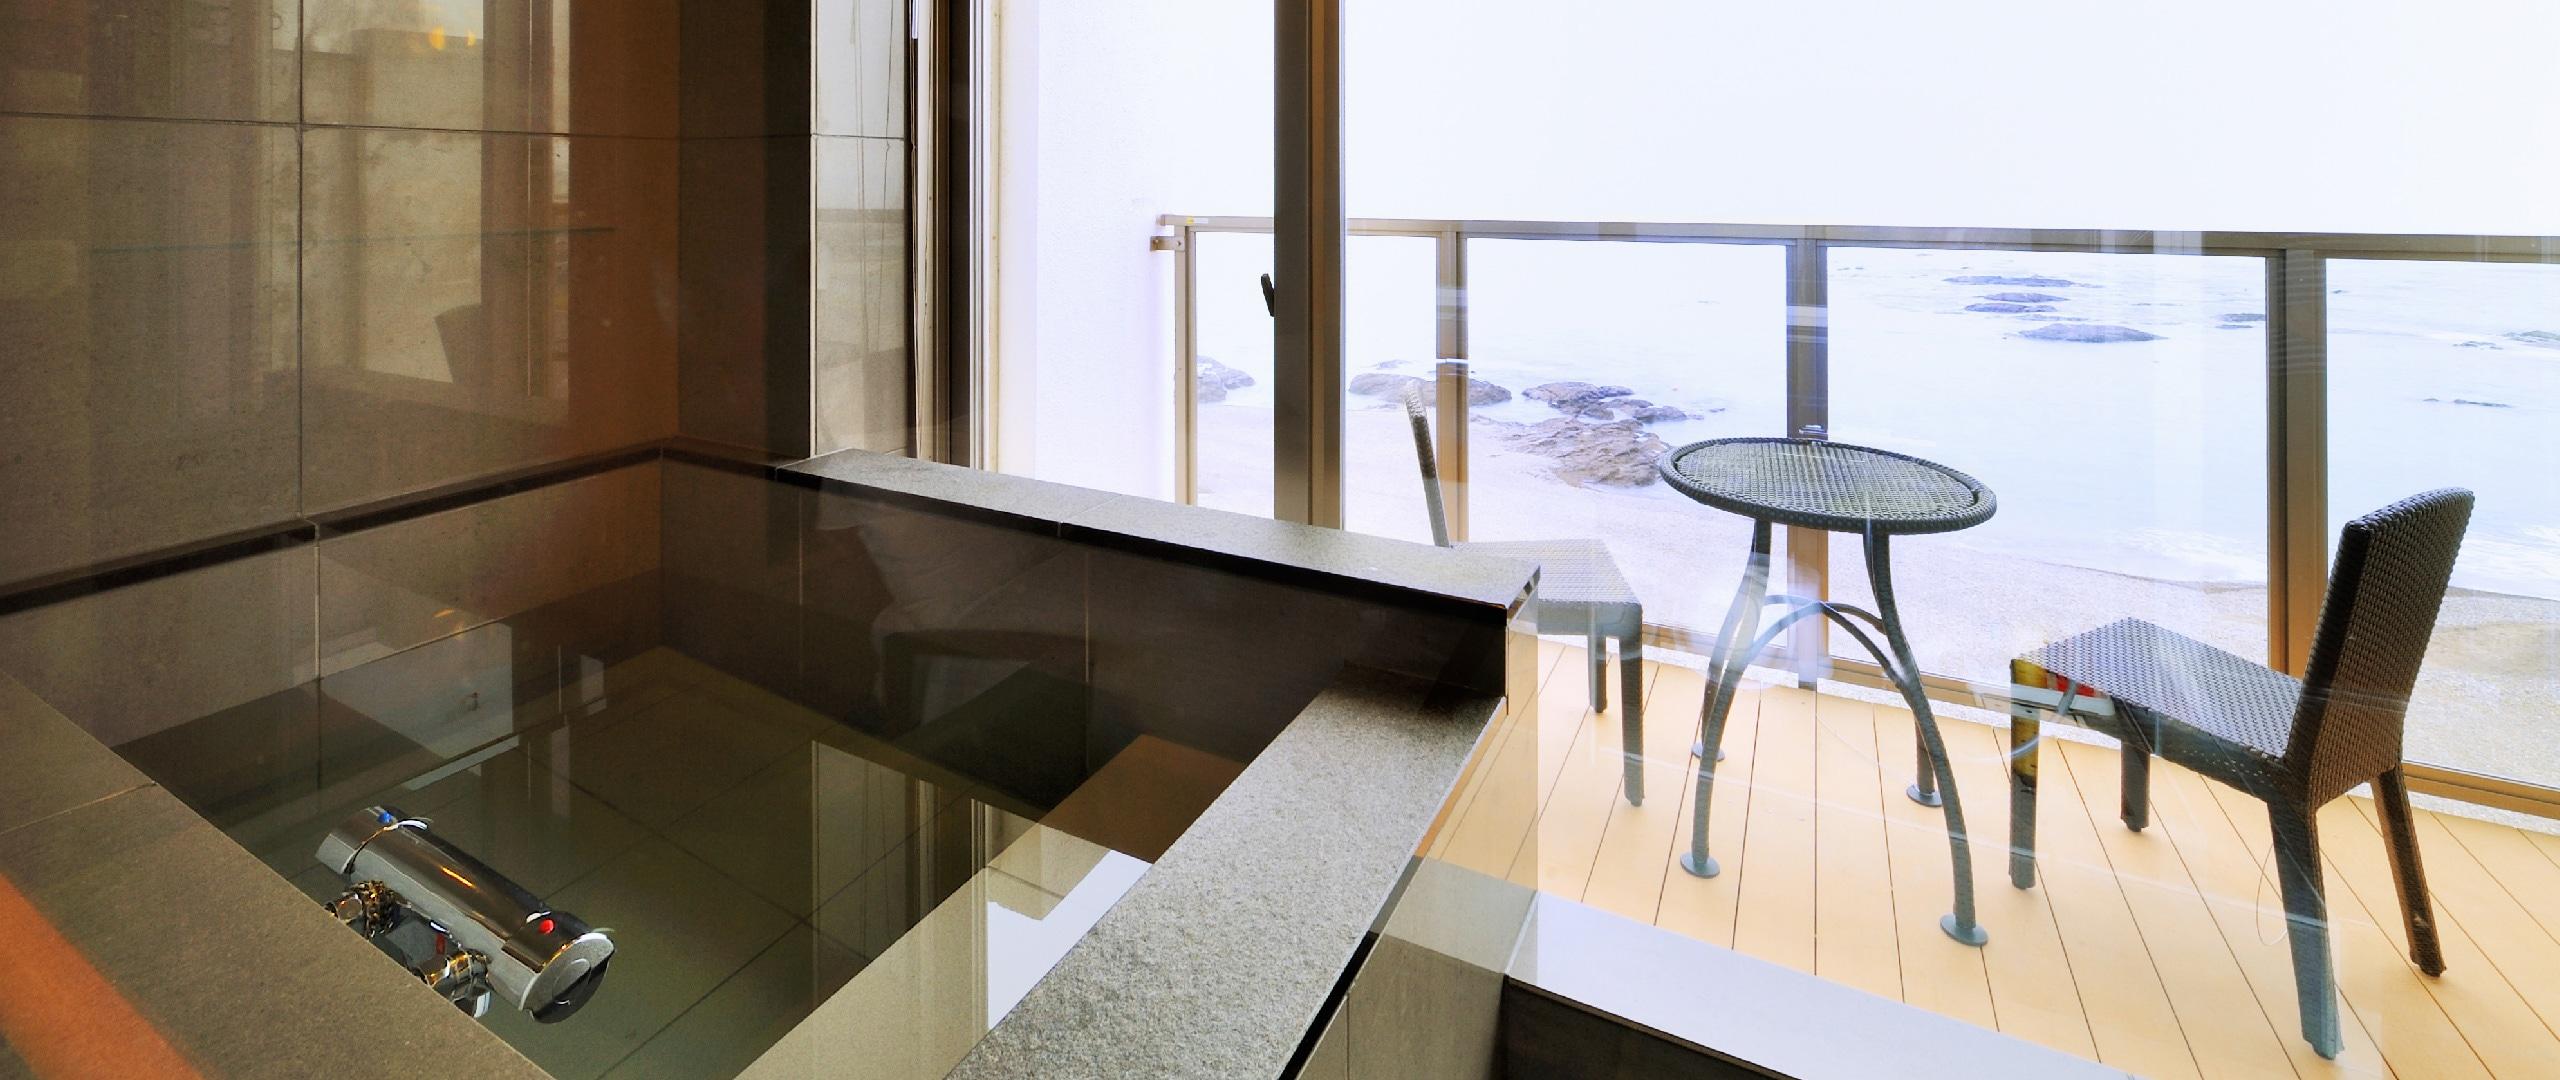 海を眺める浴室